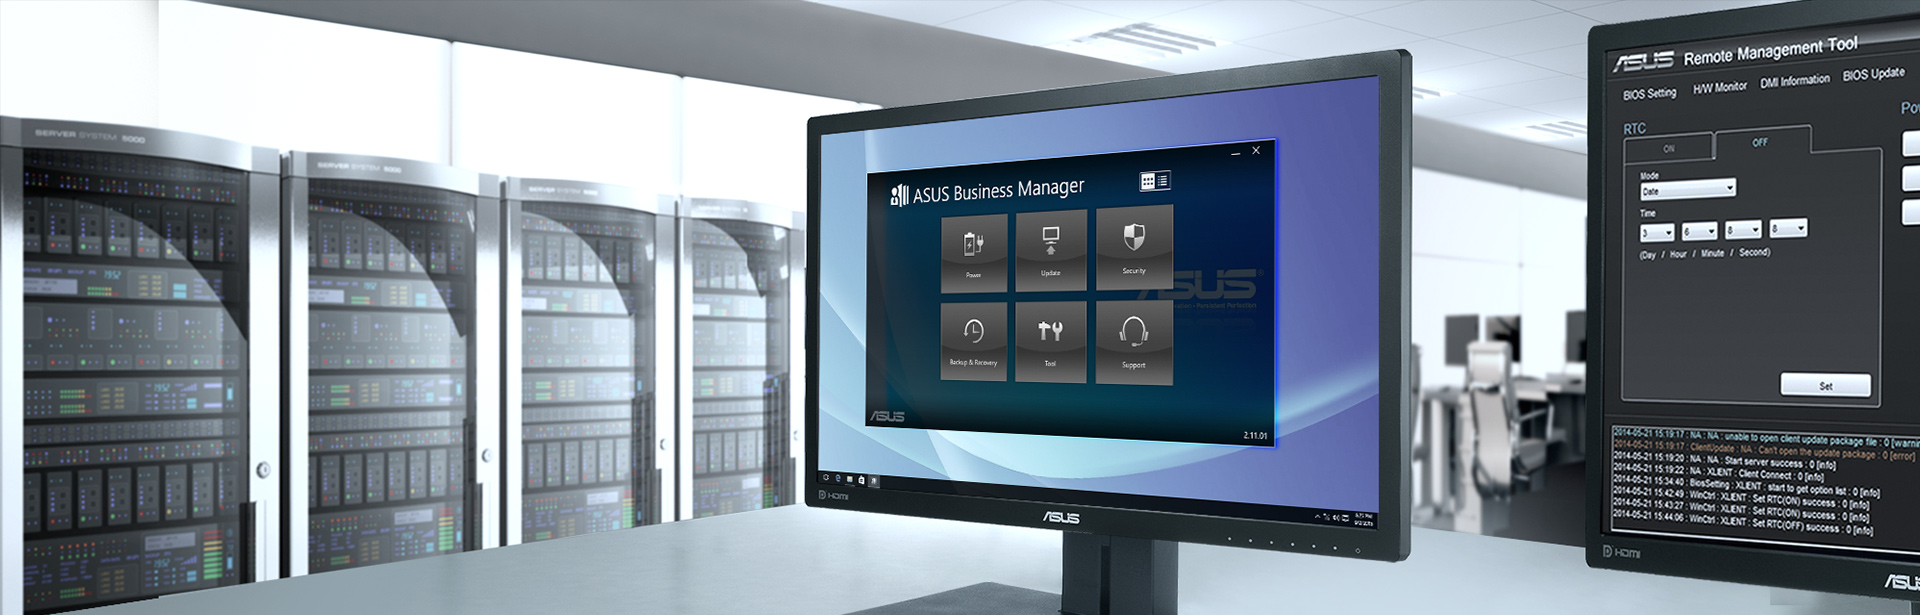 VivoMini VC68V-Mini PC- ASUS Business Manager